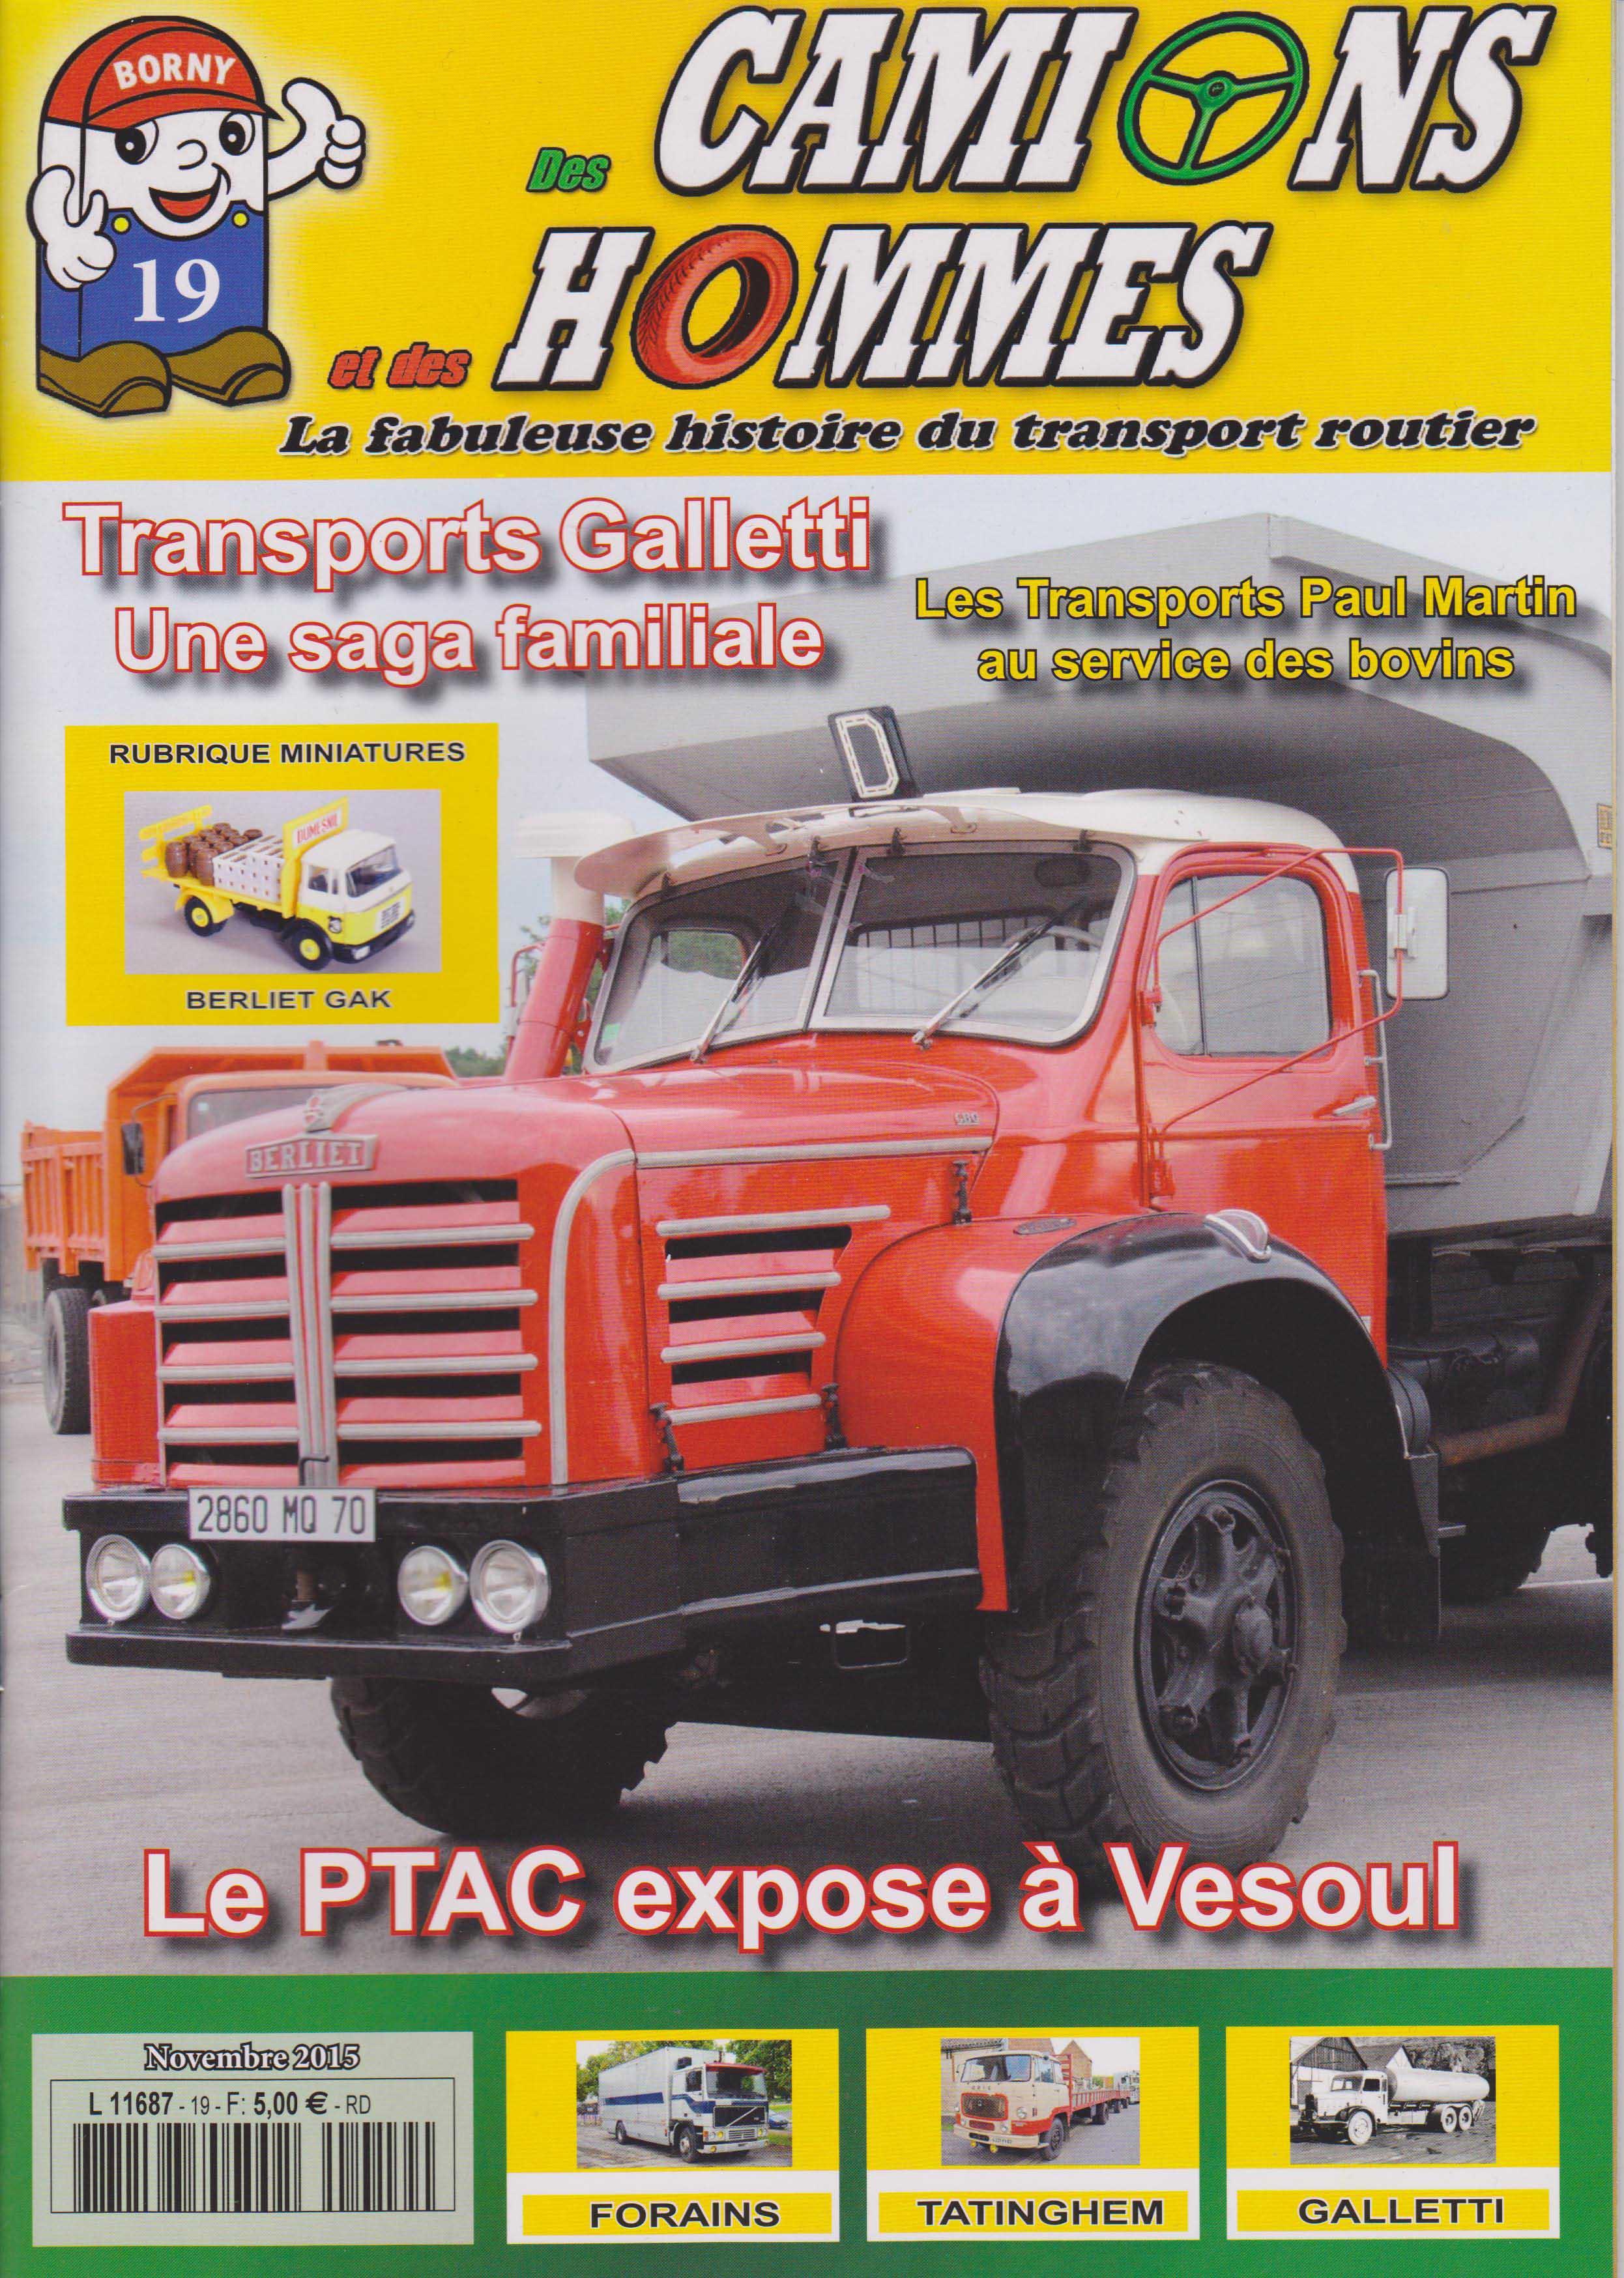 Magazine N°19 Des Camions et des Hommes (Etranger)